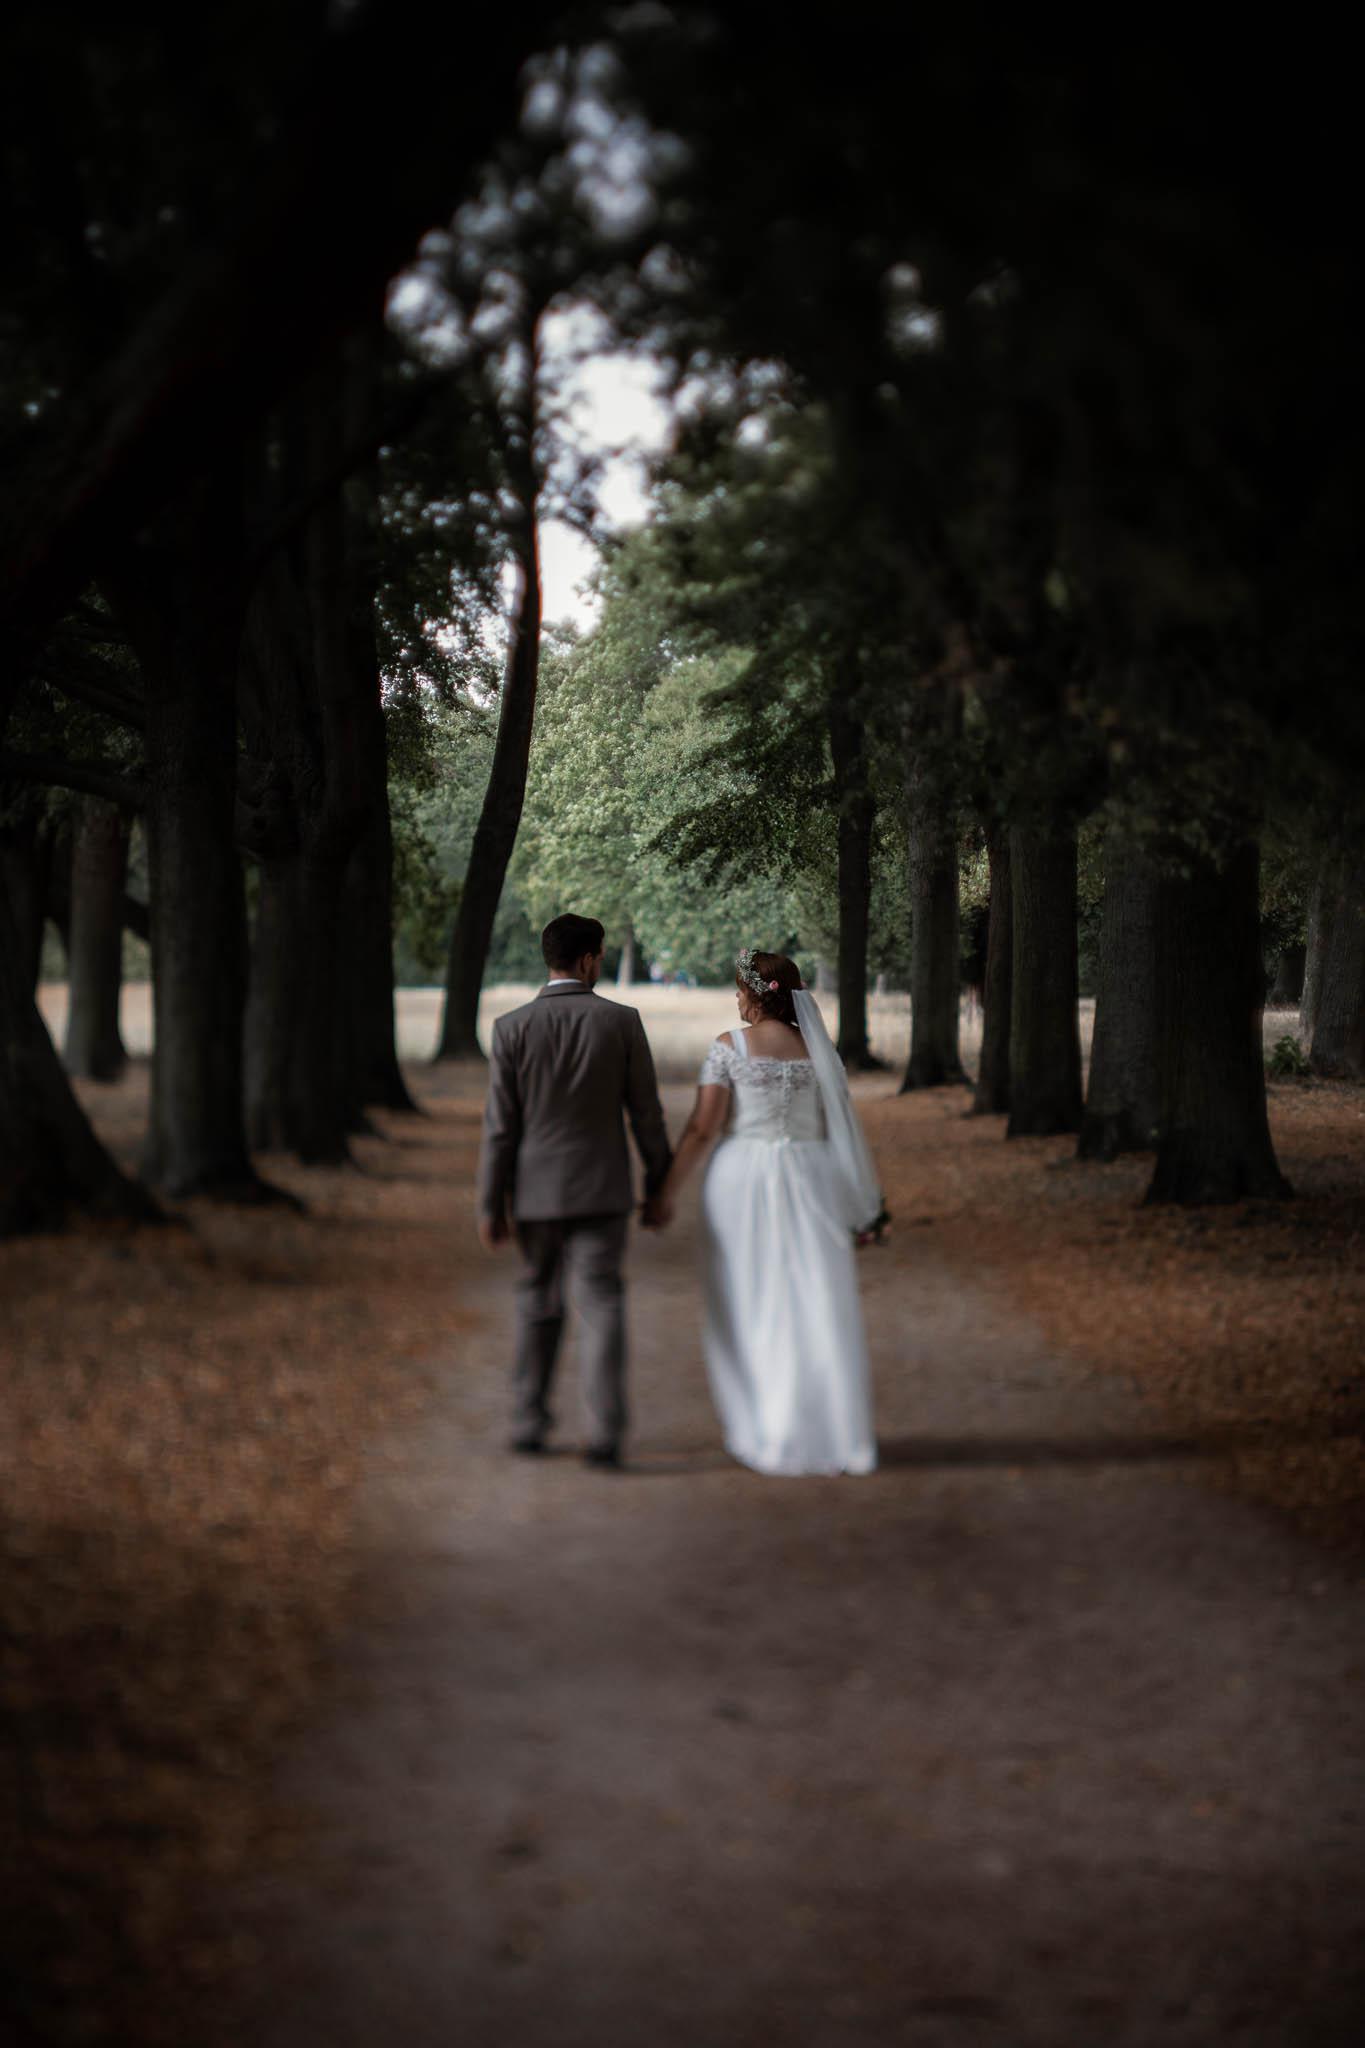 Hier waren ich als Hochzeitsfotograf in Worms und durfte die Beiden den ganzen Tag begleiten.